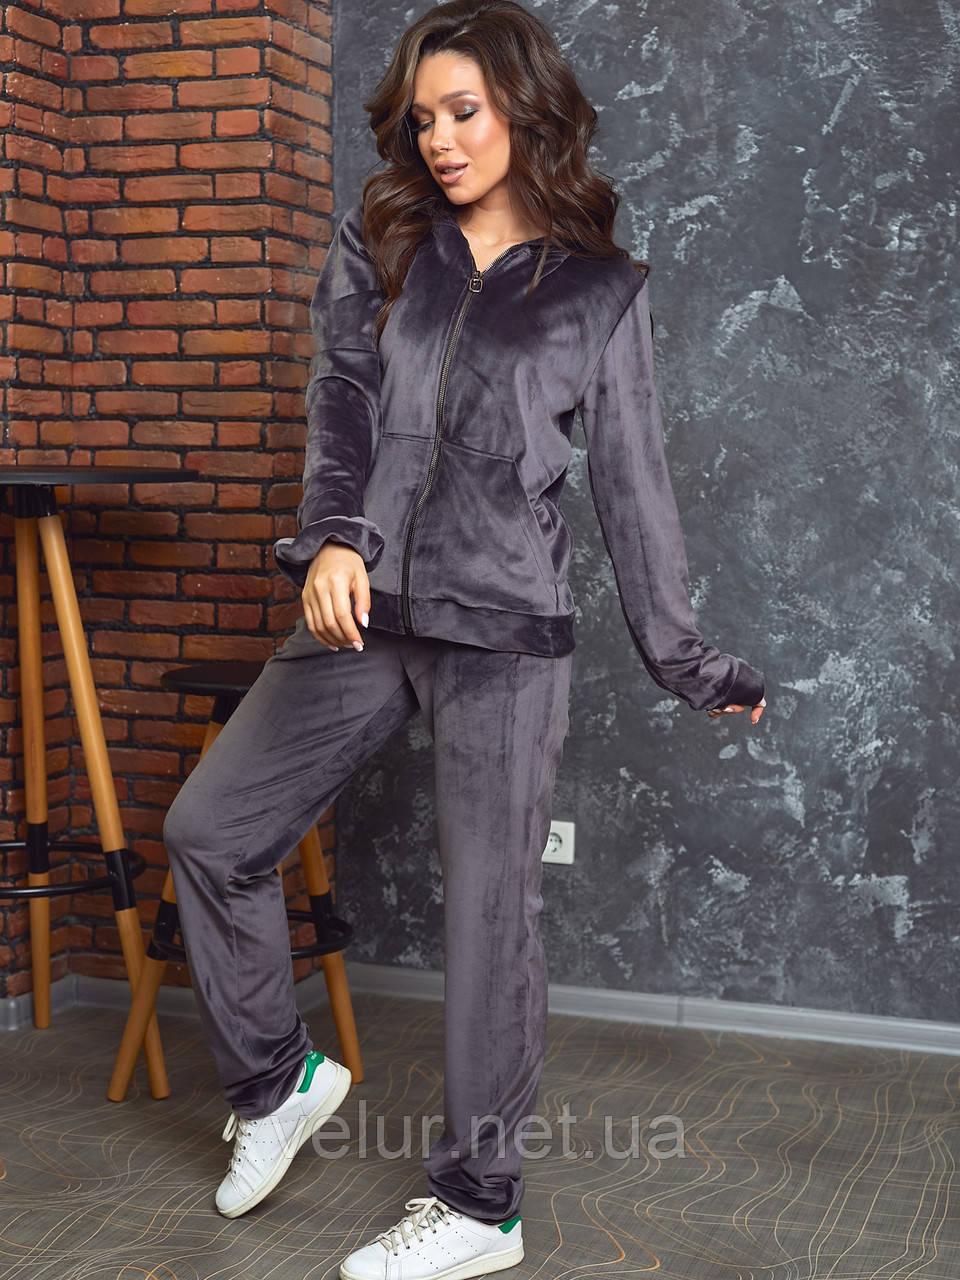 Женский спортивный костюм  из велюра, разм 46, 48, 50, 4 цвета